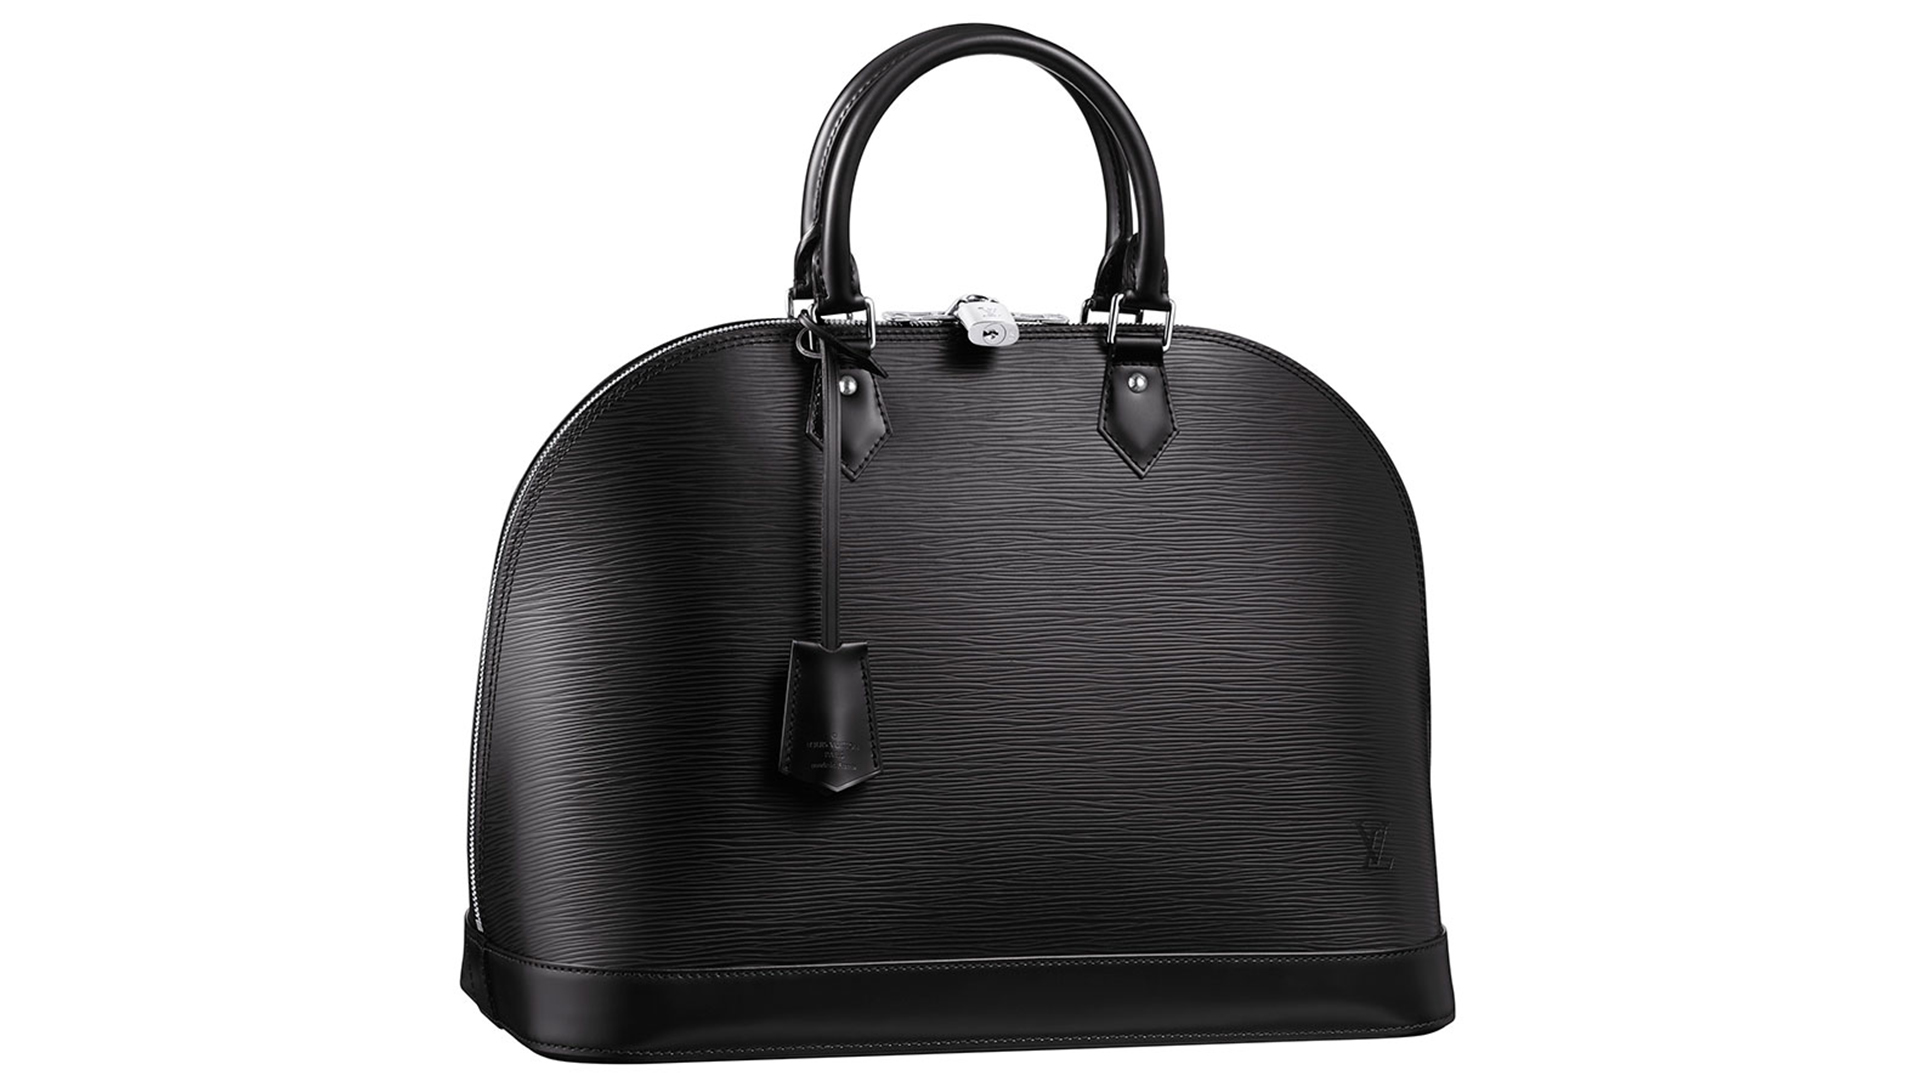 """El modelo """"Alma"""" es otro de los más caracteristicos de Louis Vuitton, además de la original con su clásico monogram"""